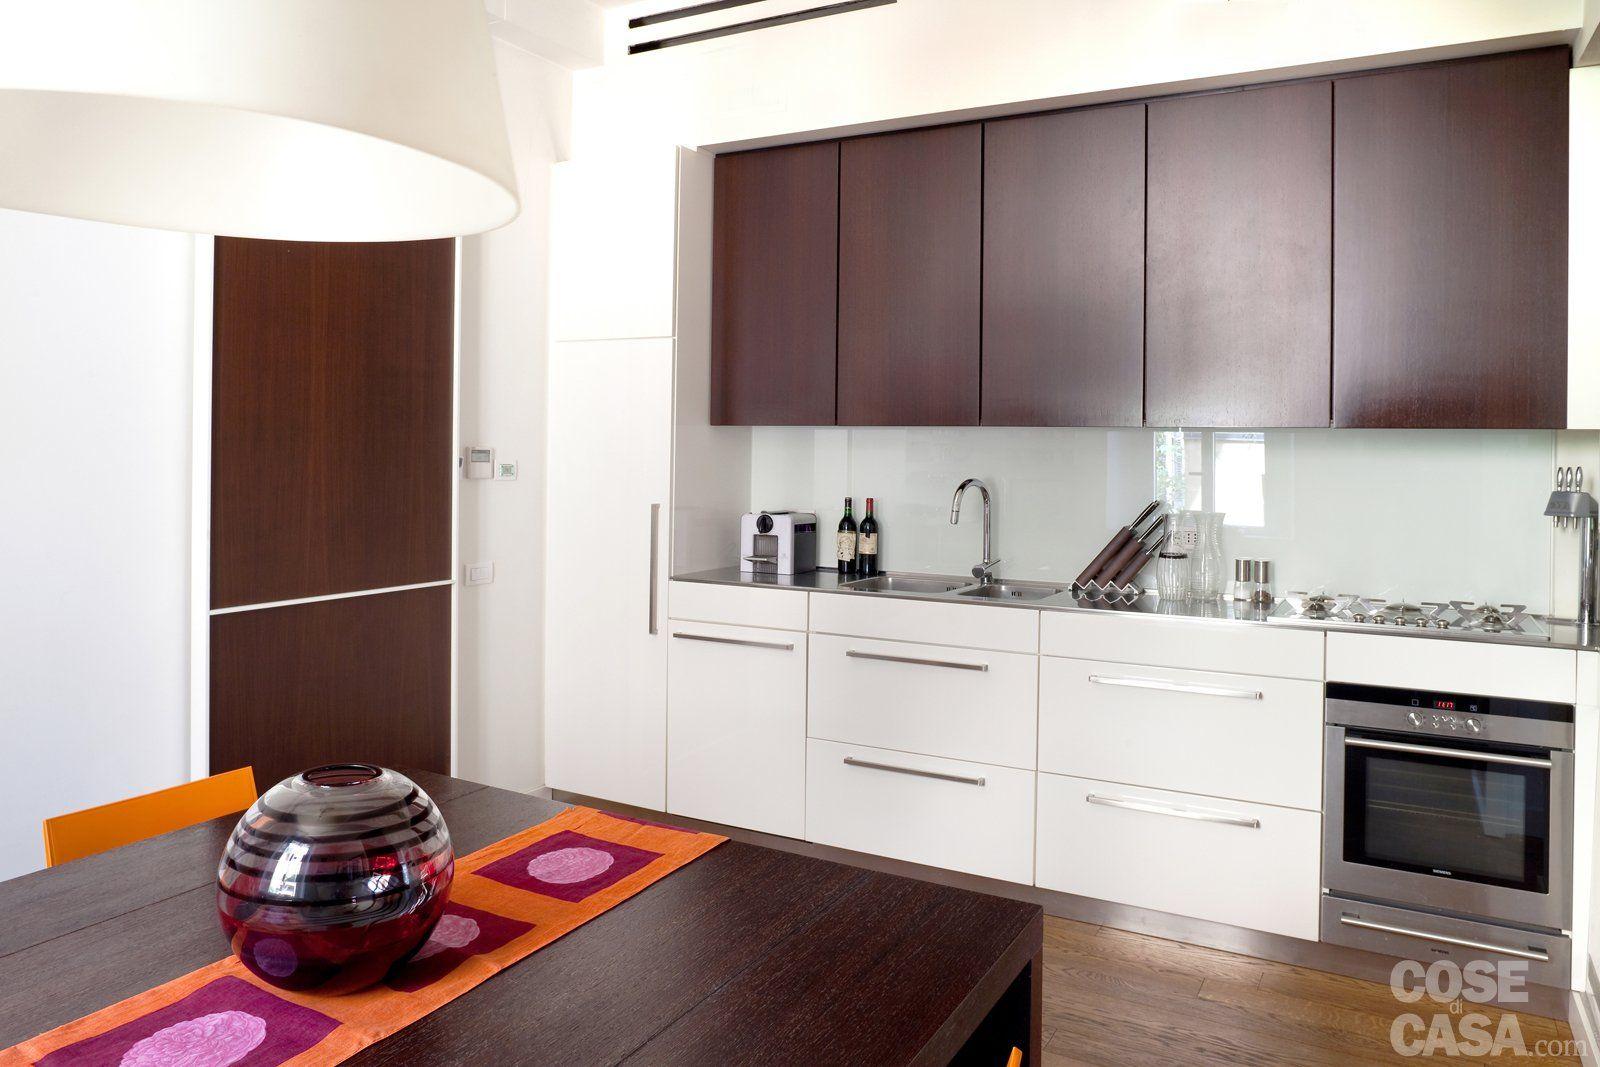 70 mq casa con veranda Cose di Casa Case, Arredamento